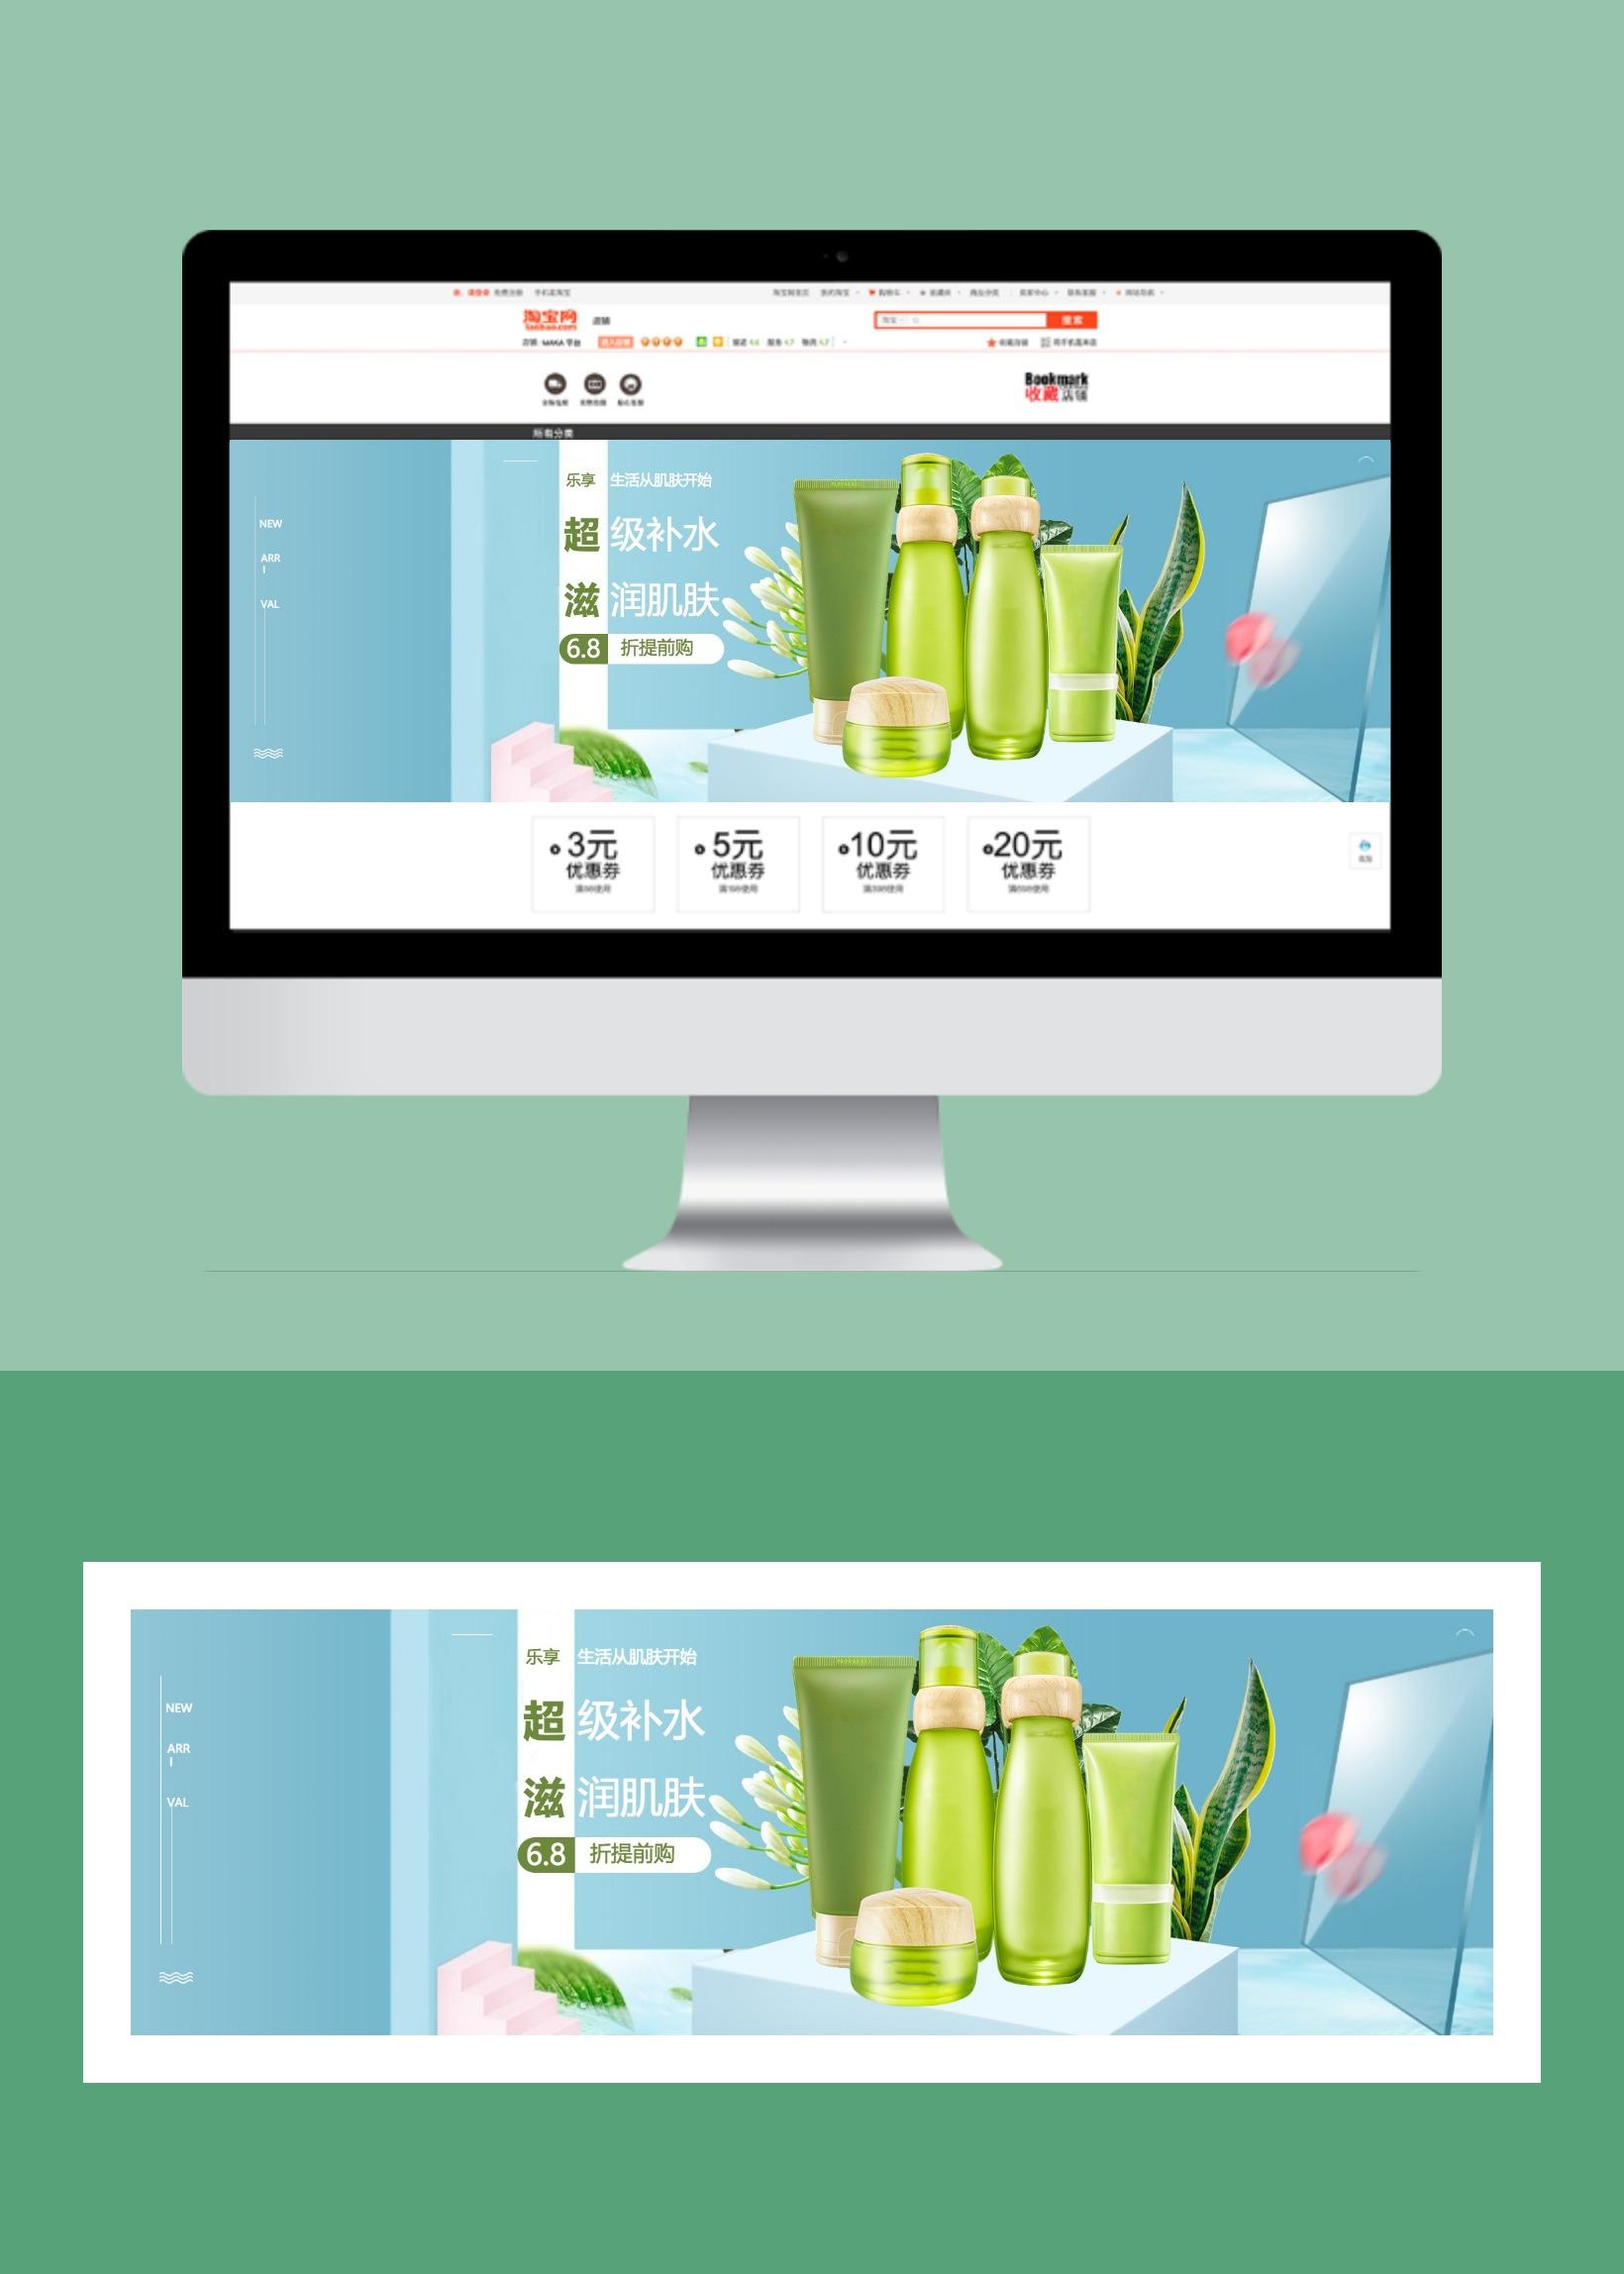 淘宝简约清新护肤化妆品海报banner